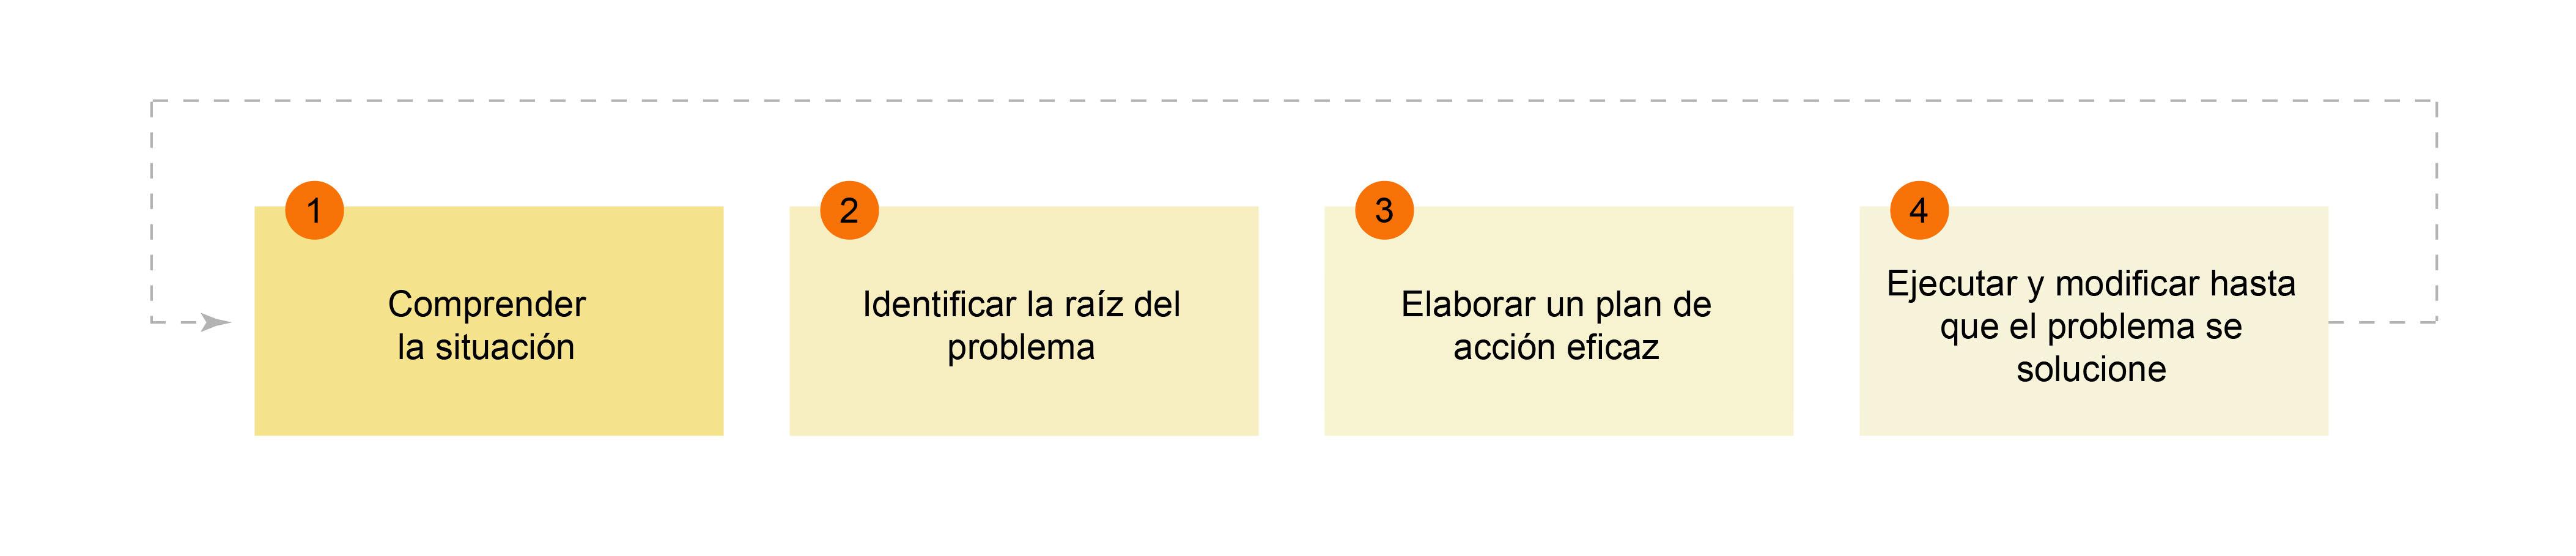 Las cuatro fases de la solución de problemas